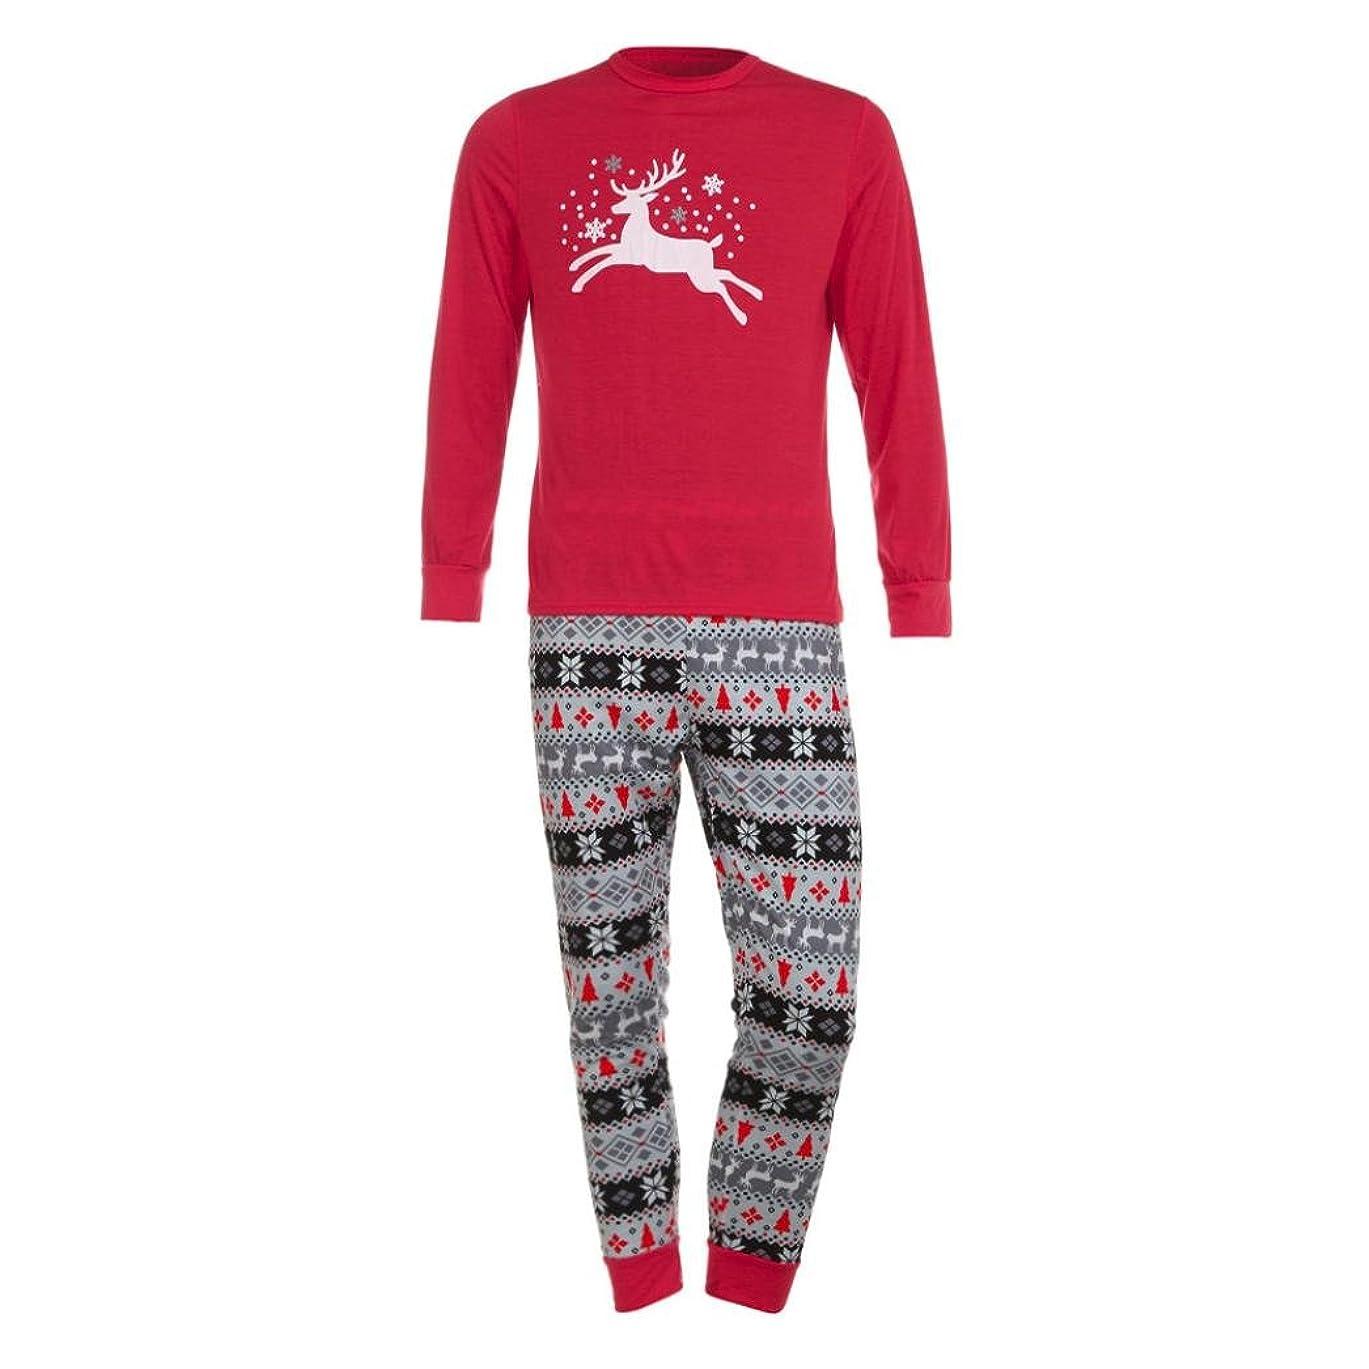 真実に塩石灰岩ファミリMatchingパジャマセットクリスマス鹿Tシャツトップスブラウスパンツfor the Family (メンズ) L グレイ TZZ70703662